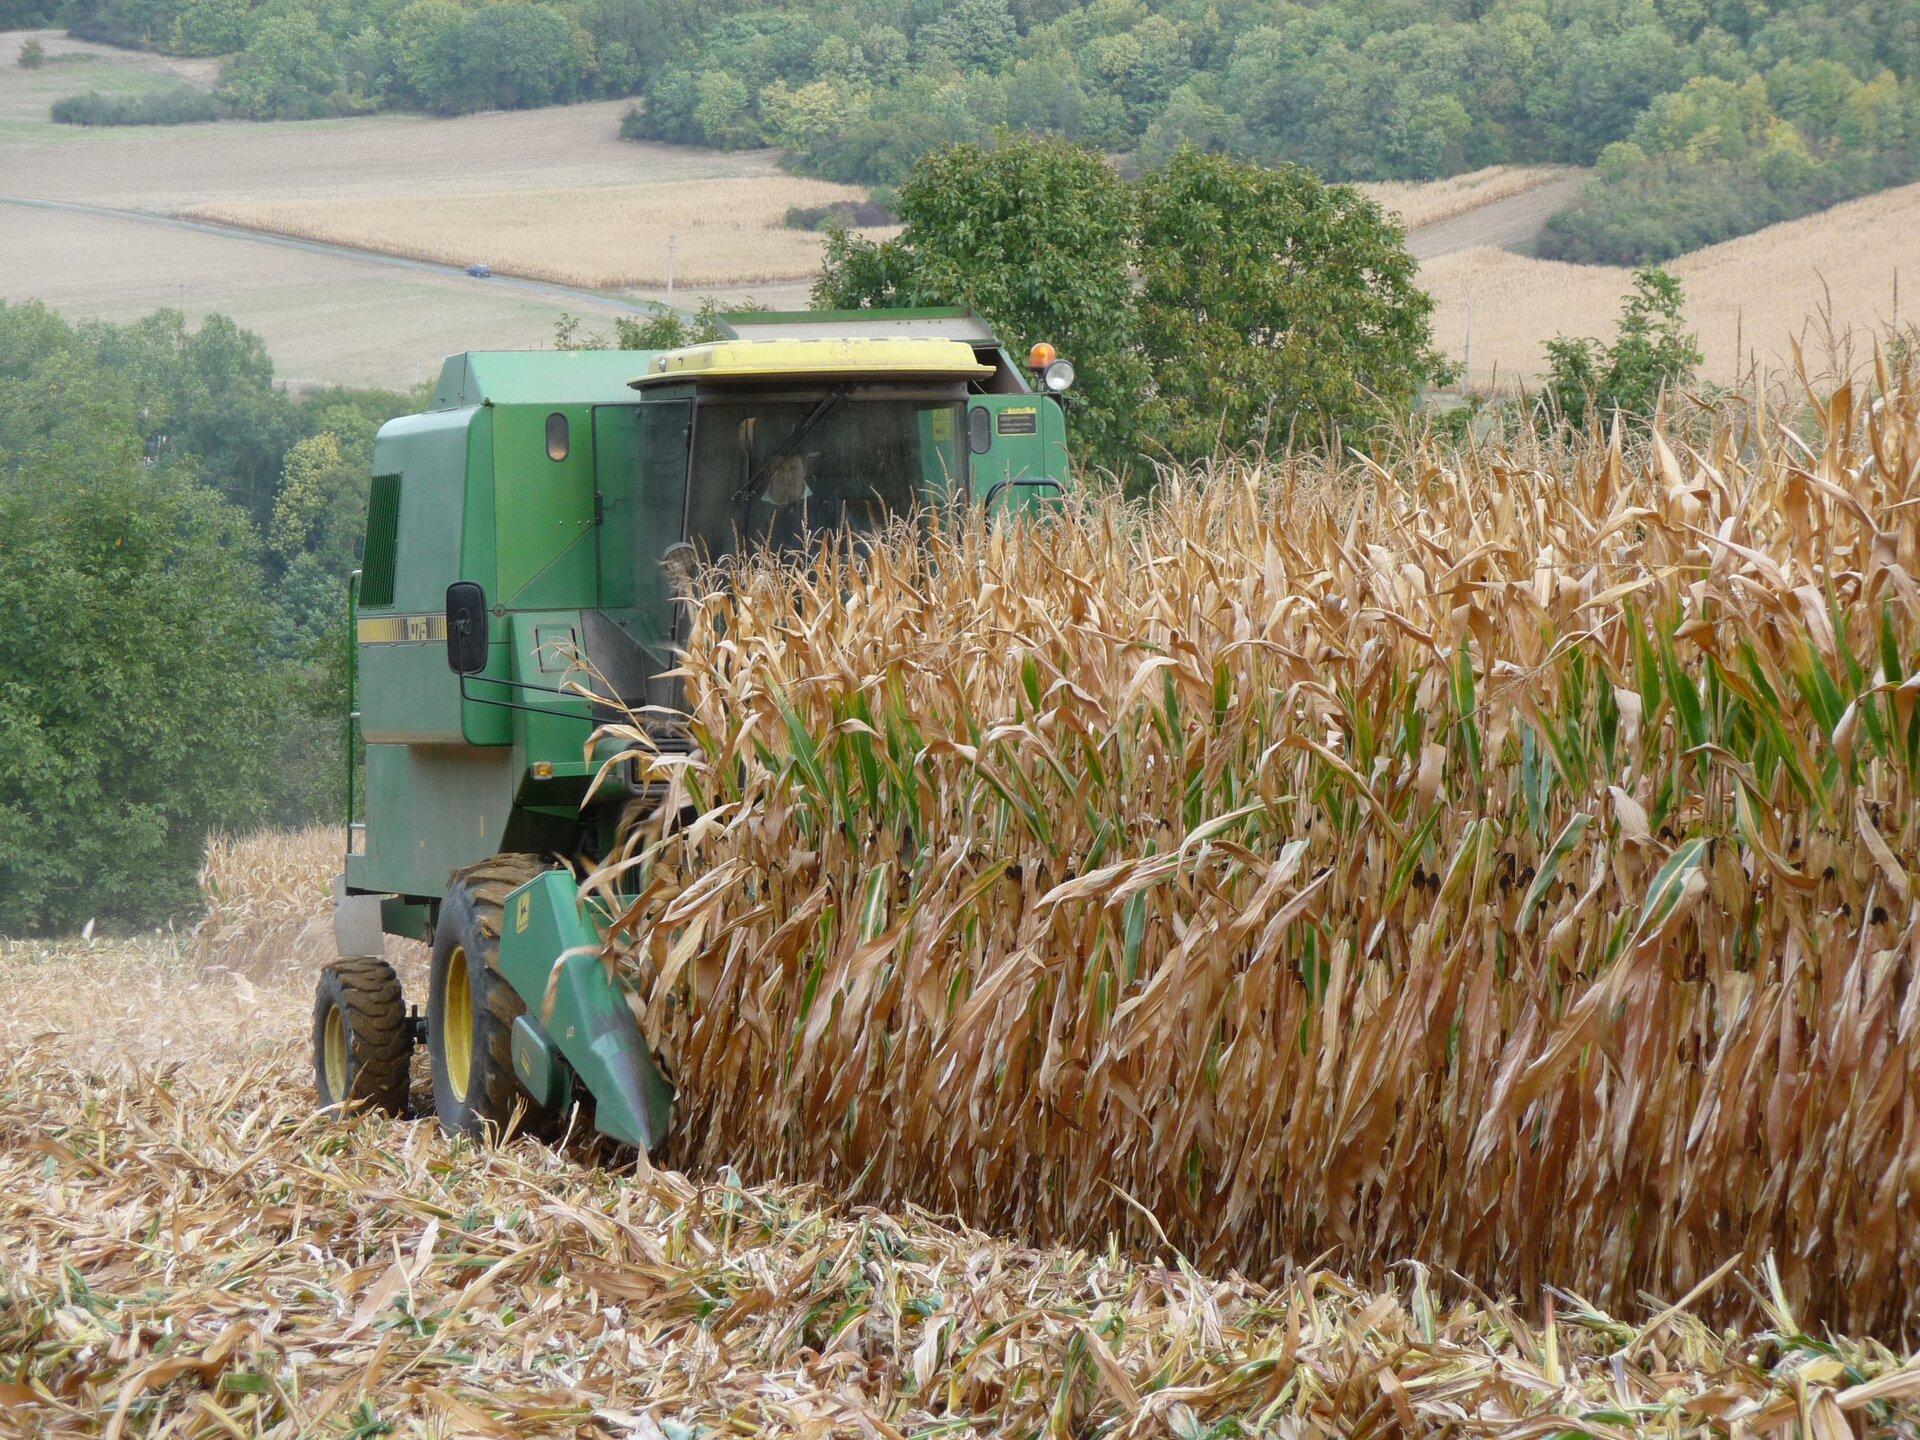 Na zdjęciu mechaniczny zbiór kukurydzy. Po polu jedzie kombajn. Wtle drzewa.